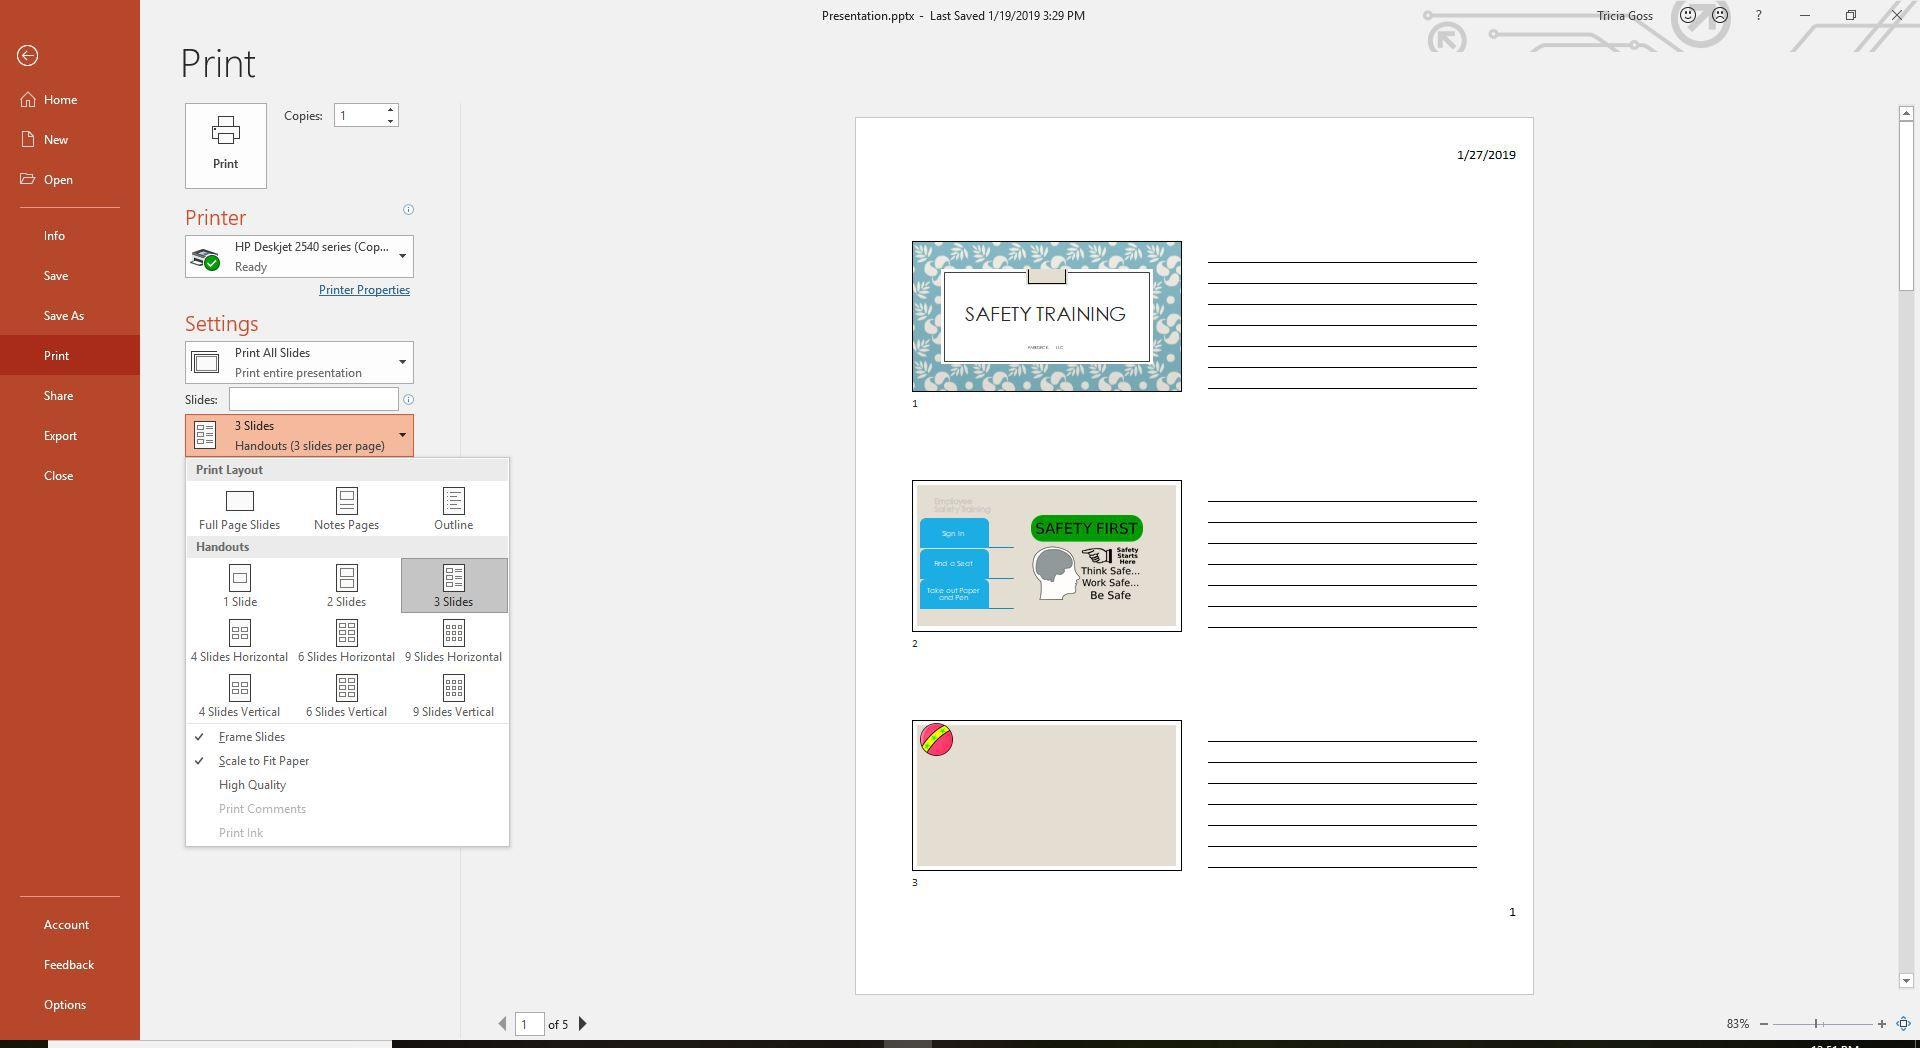 Printing Settings in PowerPoint